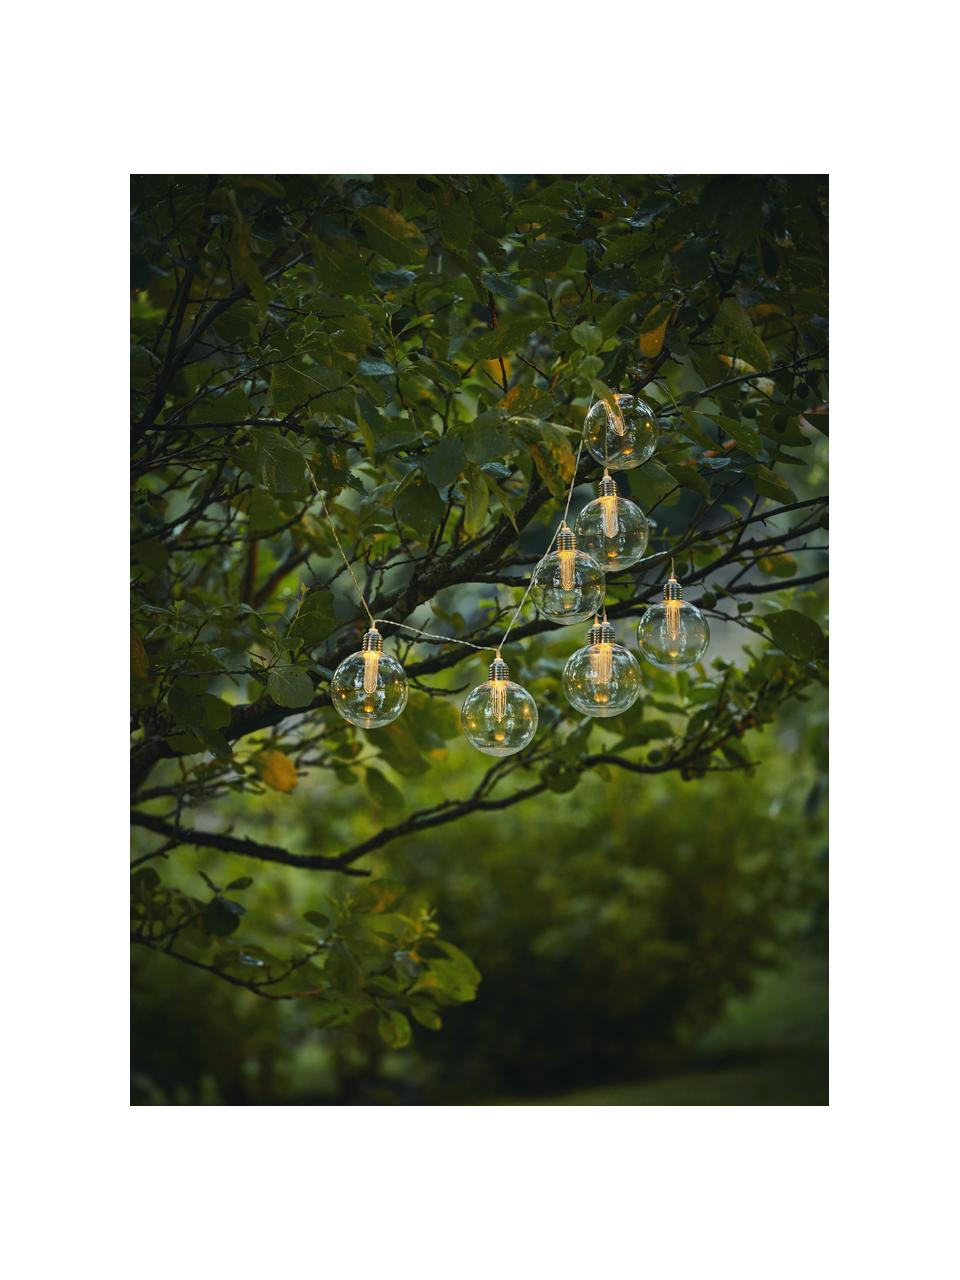 Solarna girlanda świetlna Chania, 245 cm i 8 lampionów, Transparentny, odcienie srebrnego, D 245 cm